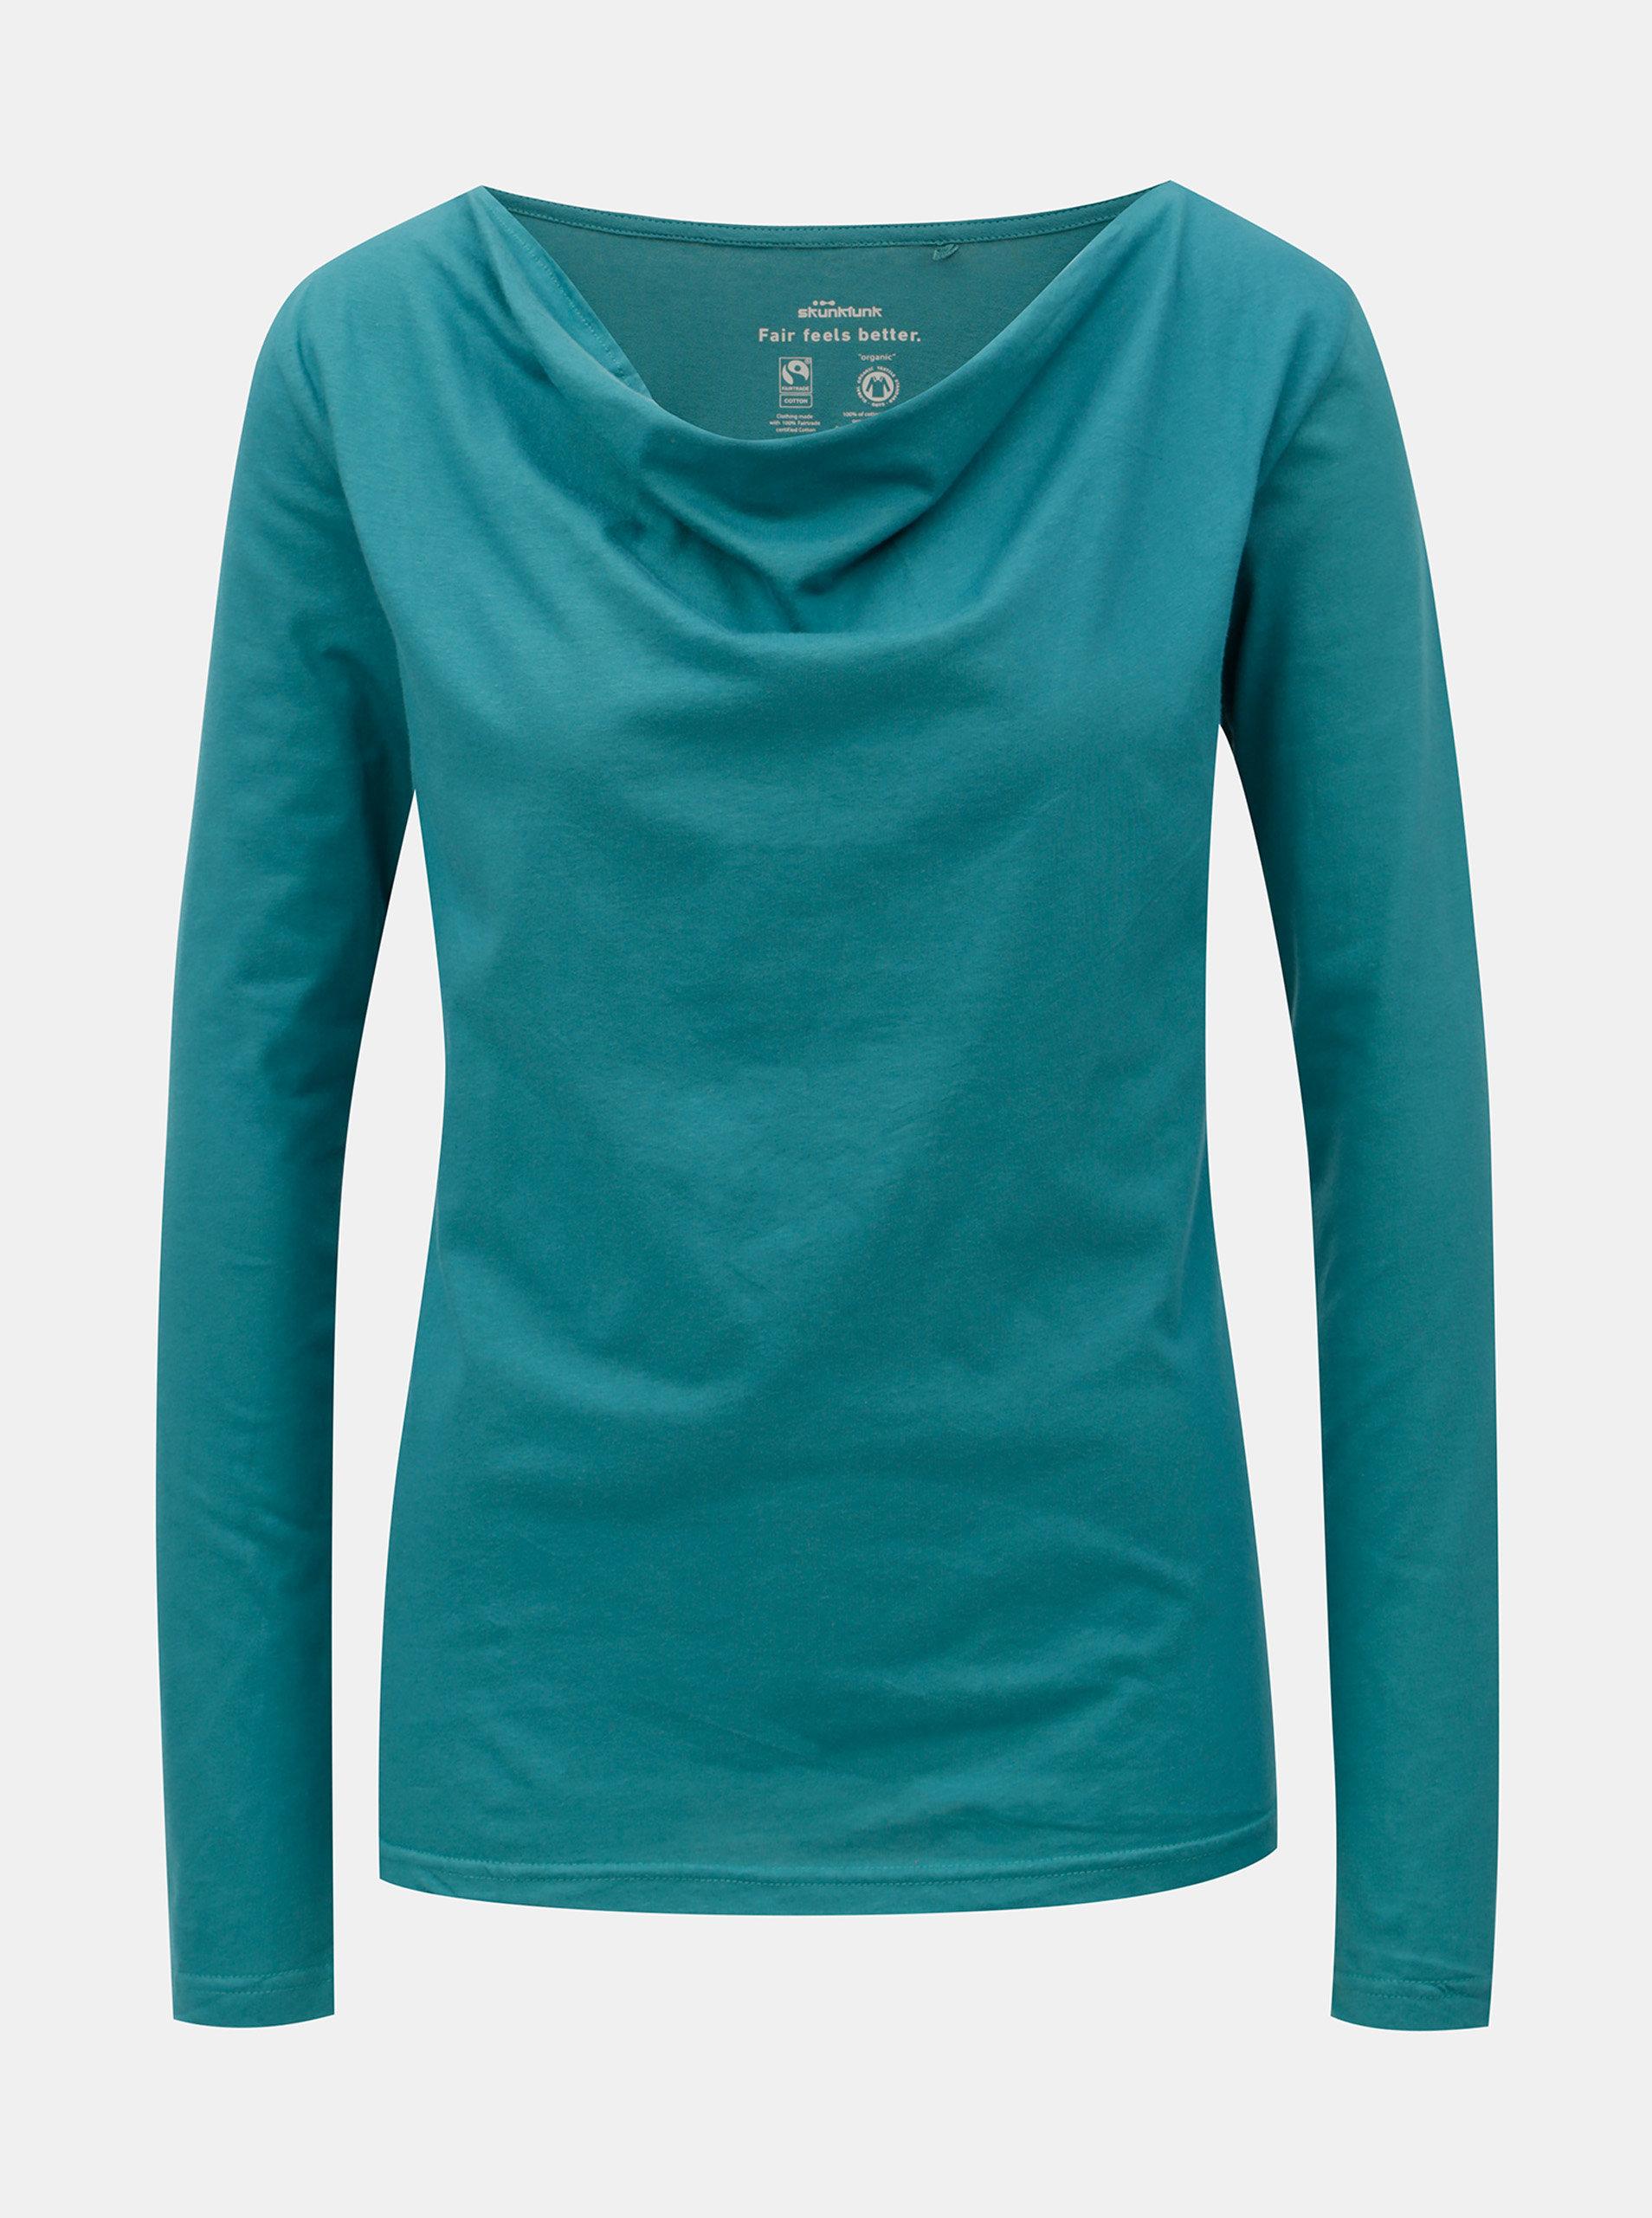 Modré tričko s dlouhým rukávem SKFK Hogei